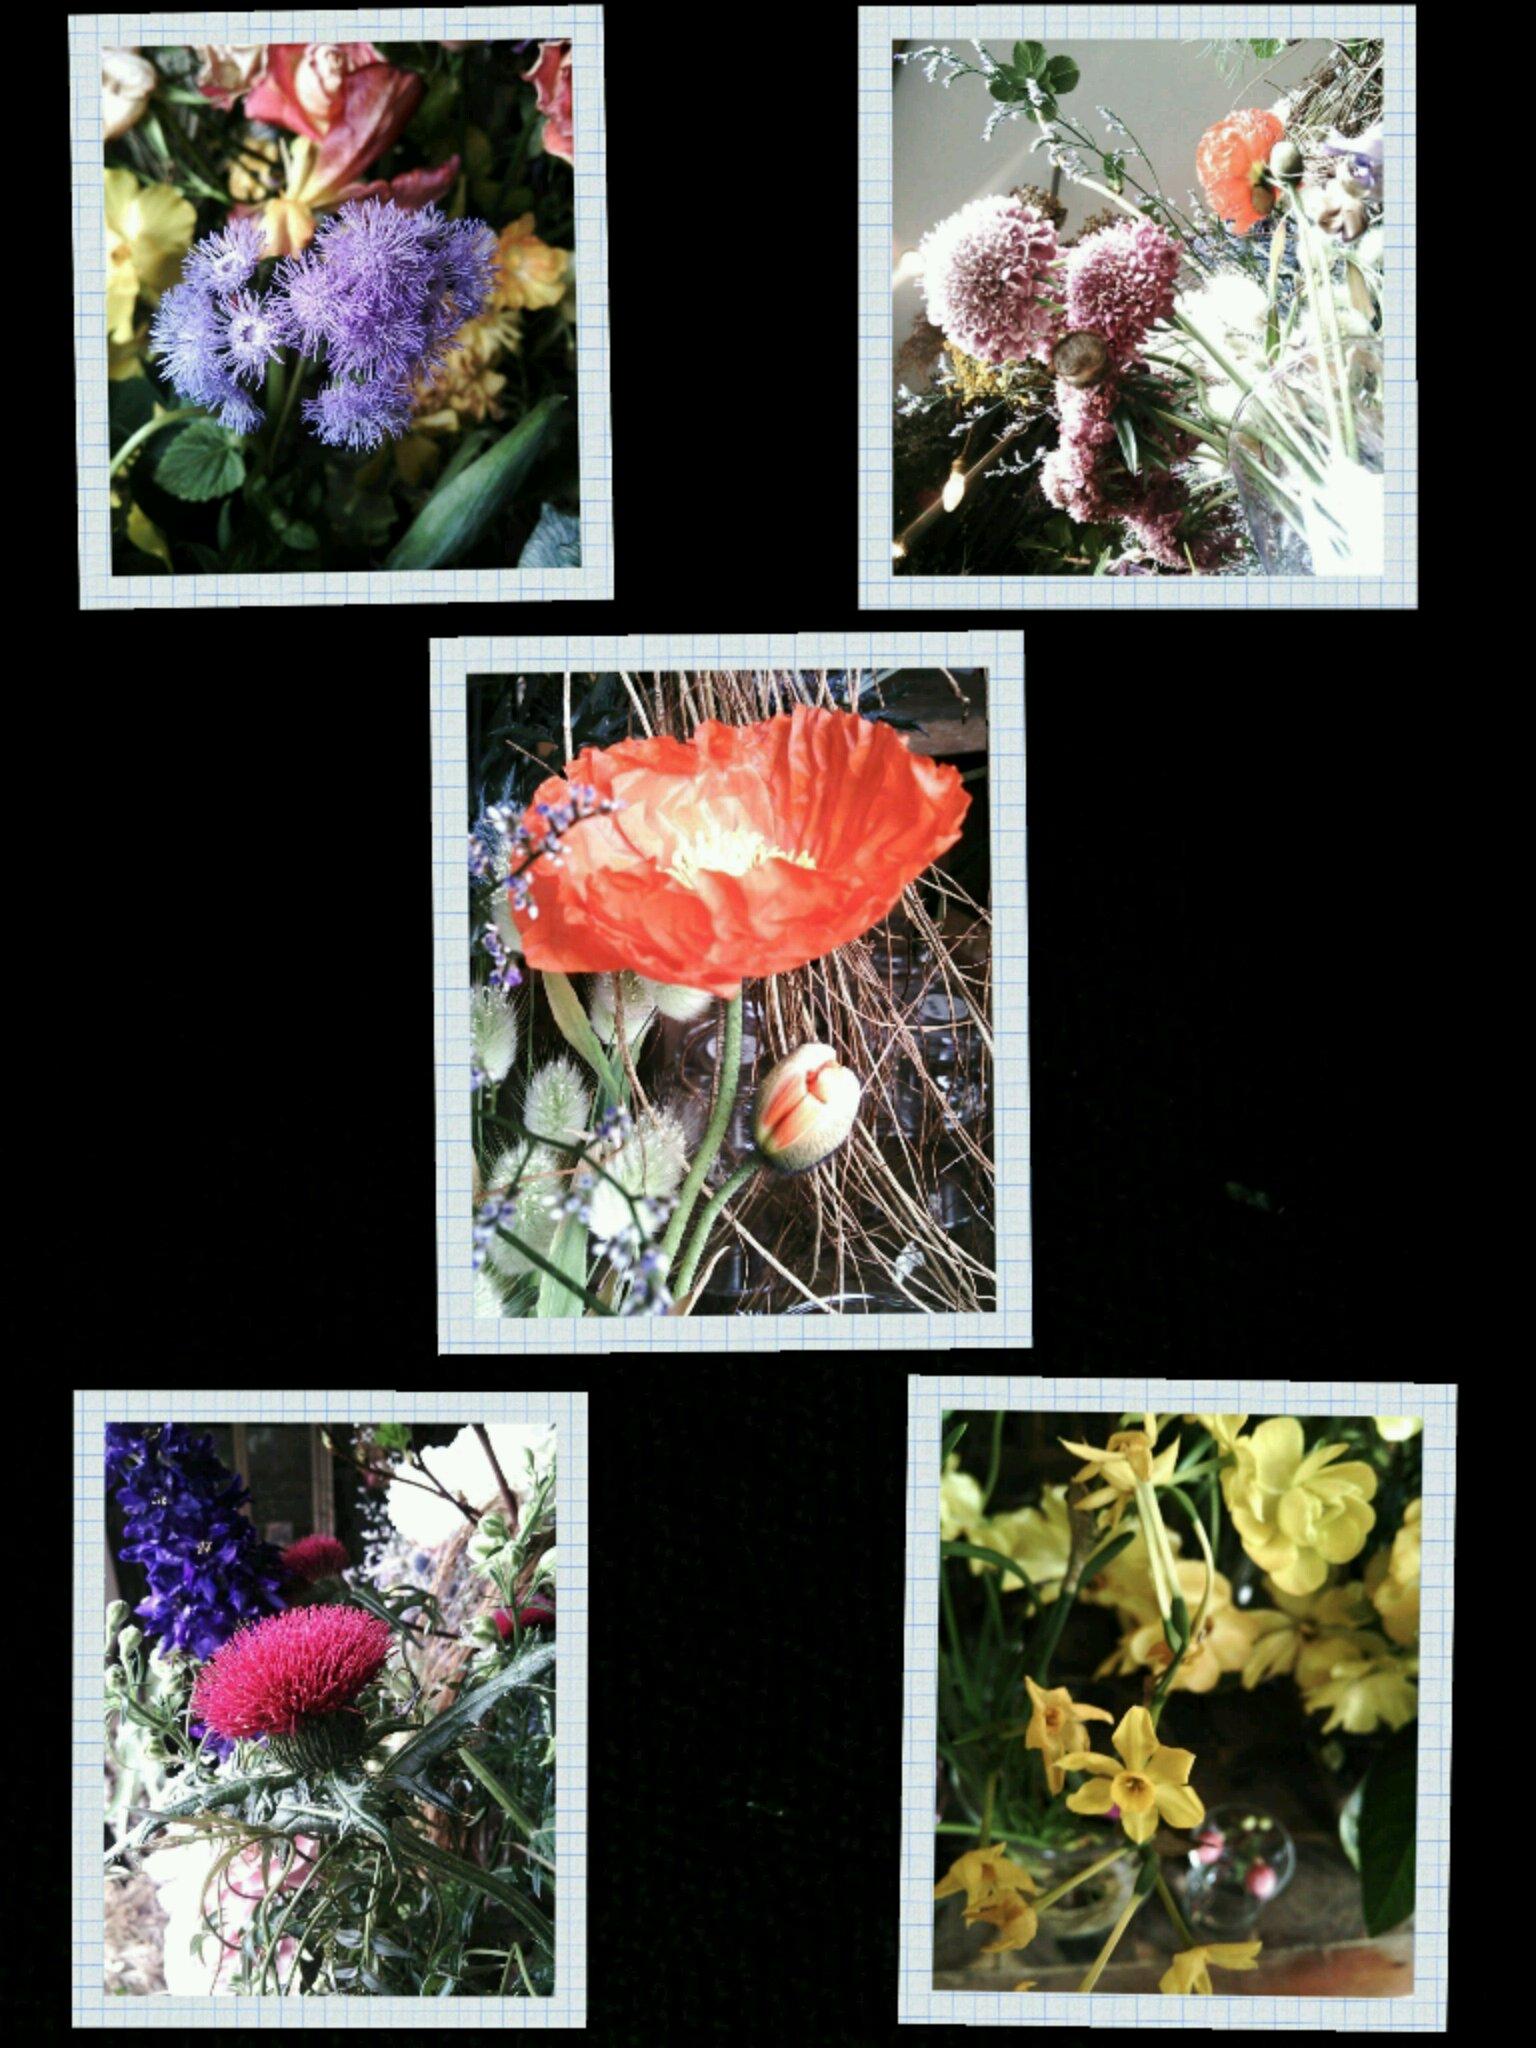 boisさんの植物たち